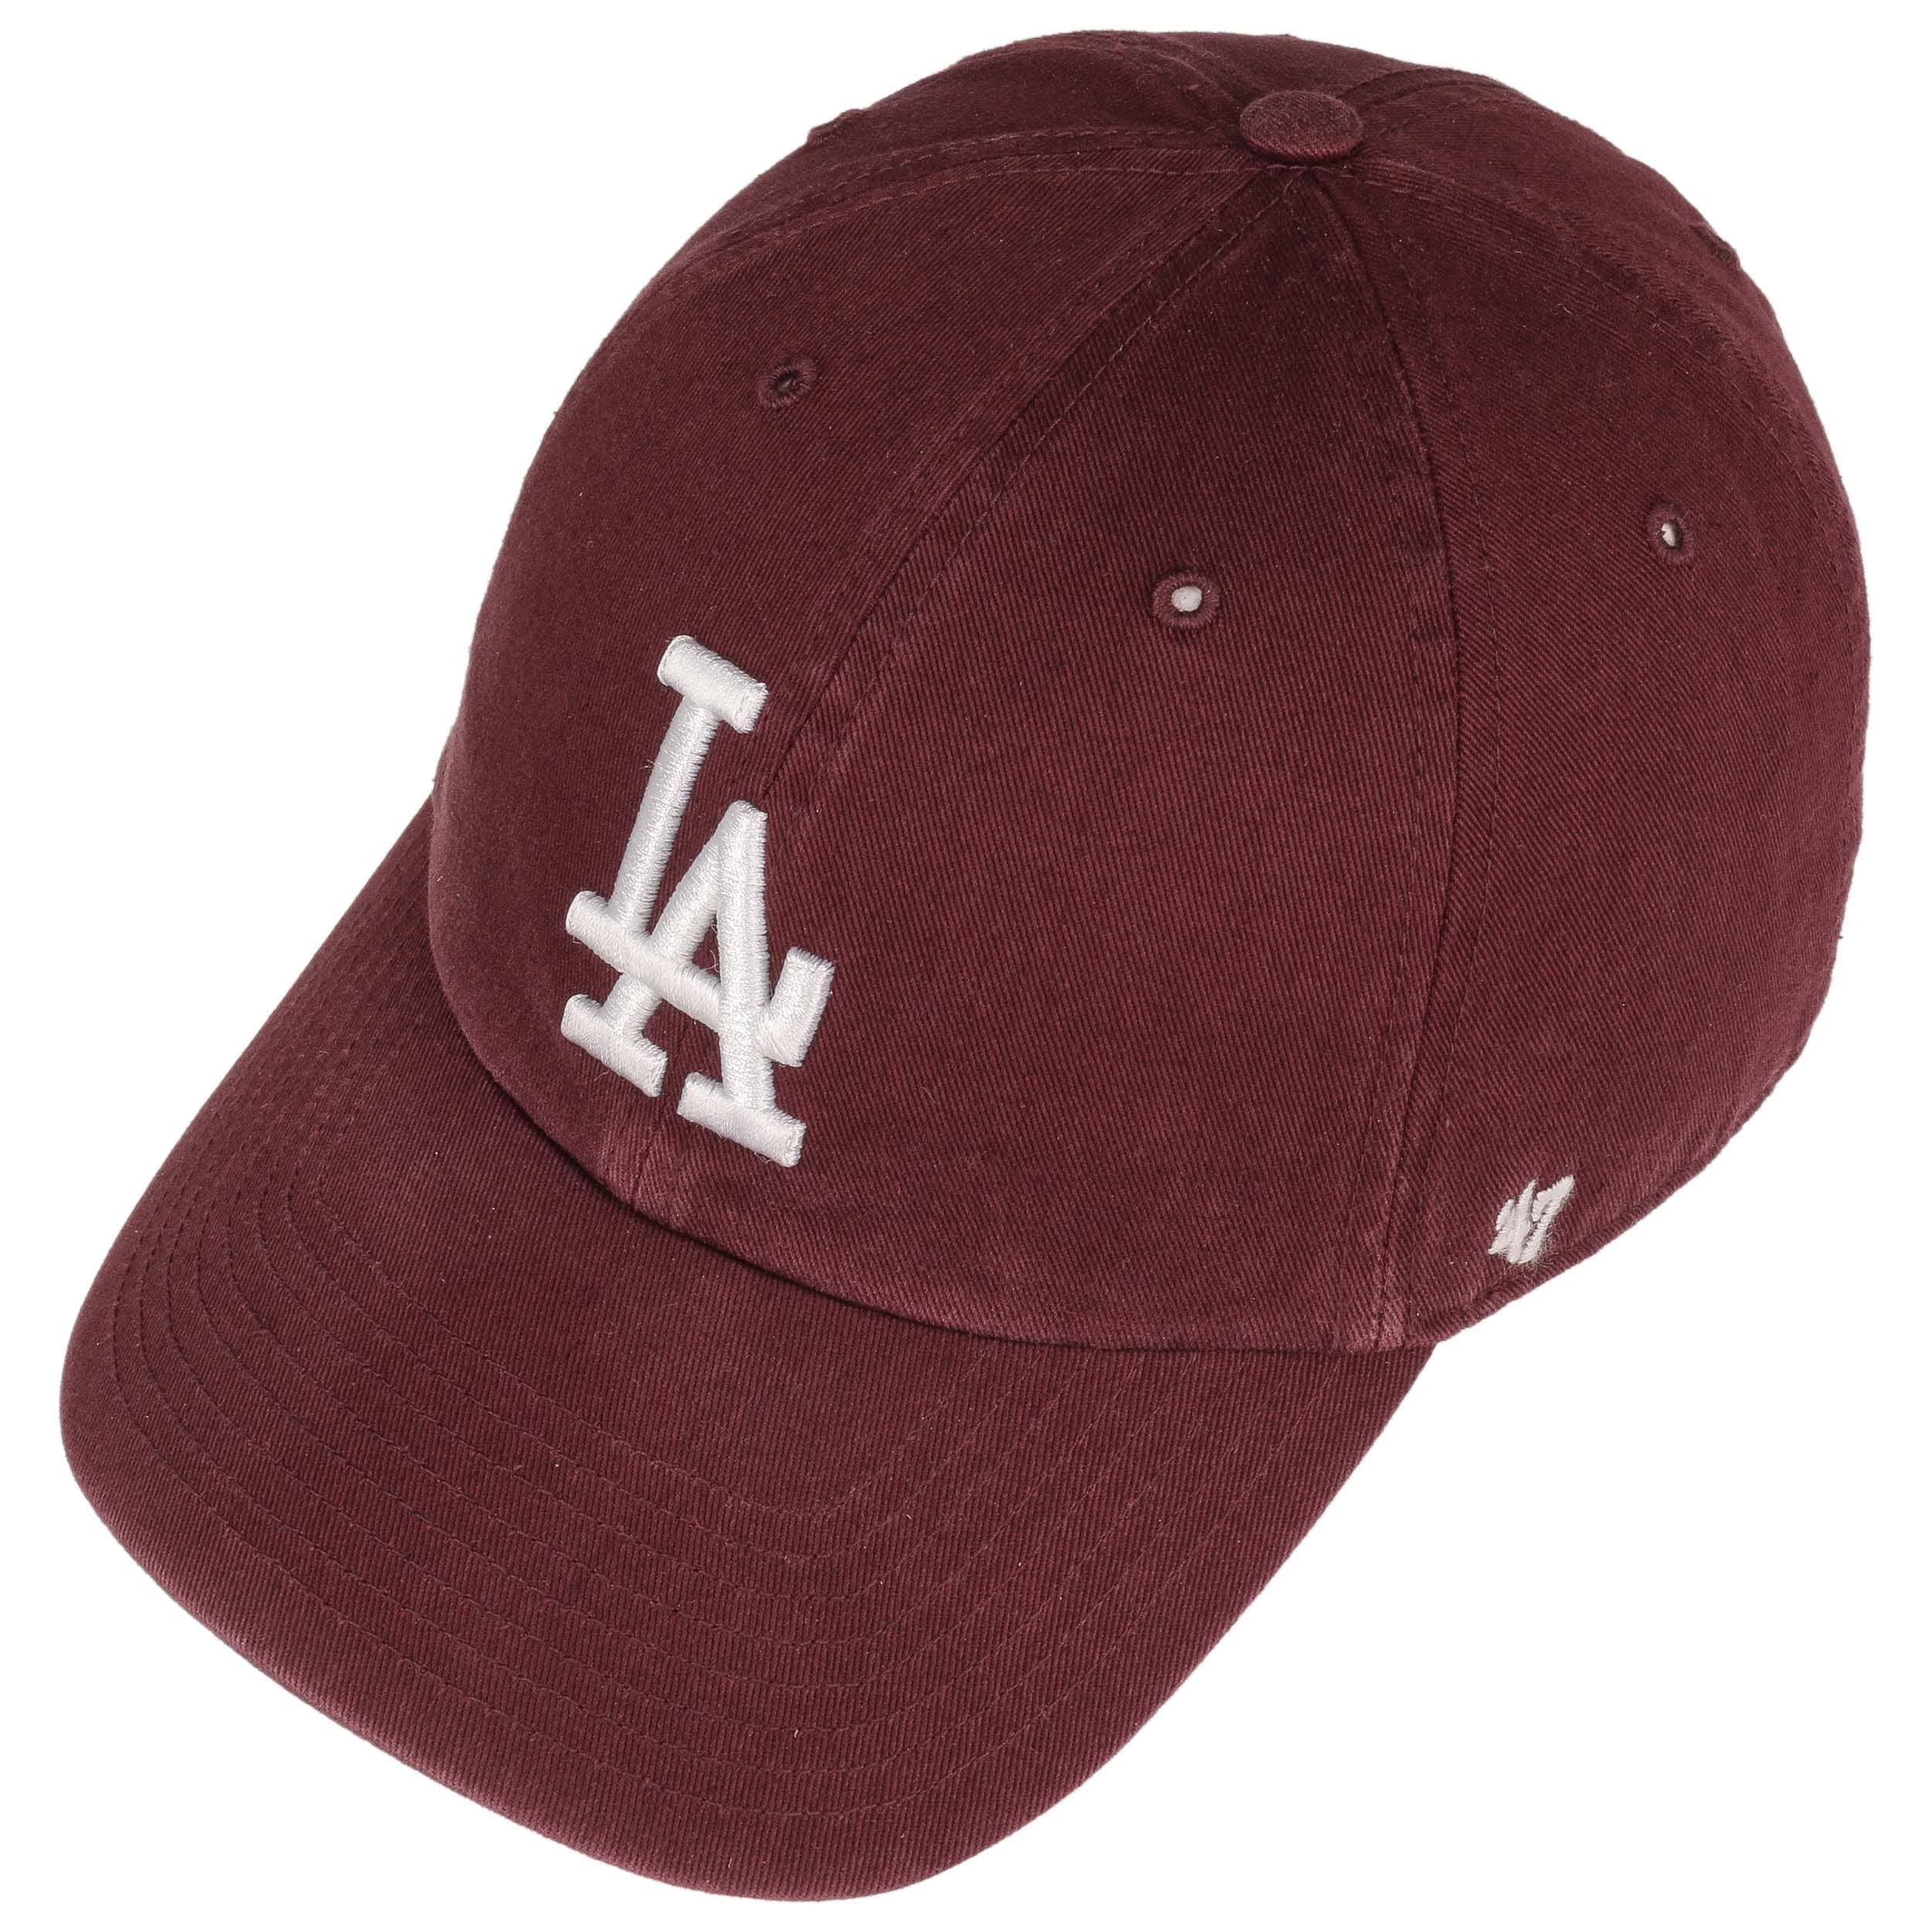 ... Clean Up LA Dodgers Cap by 47 Brand - bordeaux 1 ... 65ab87a4b0bd